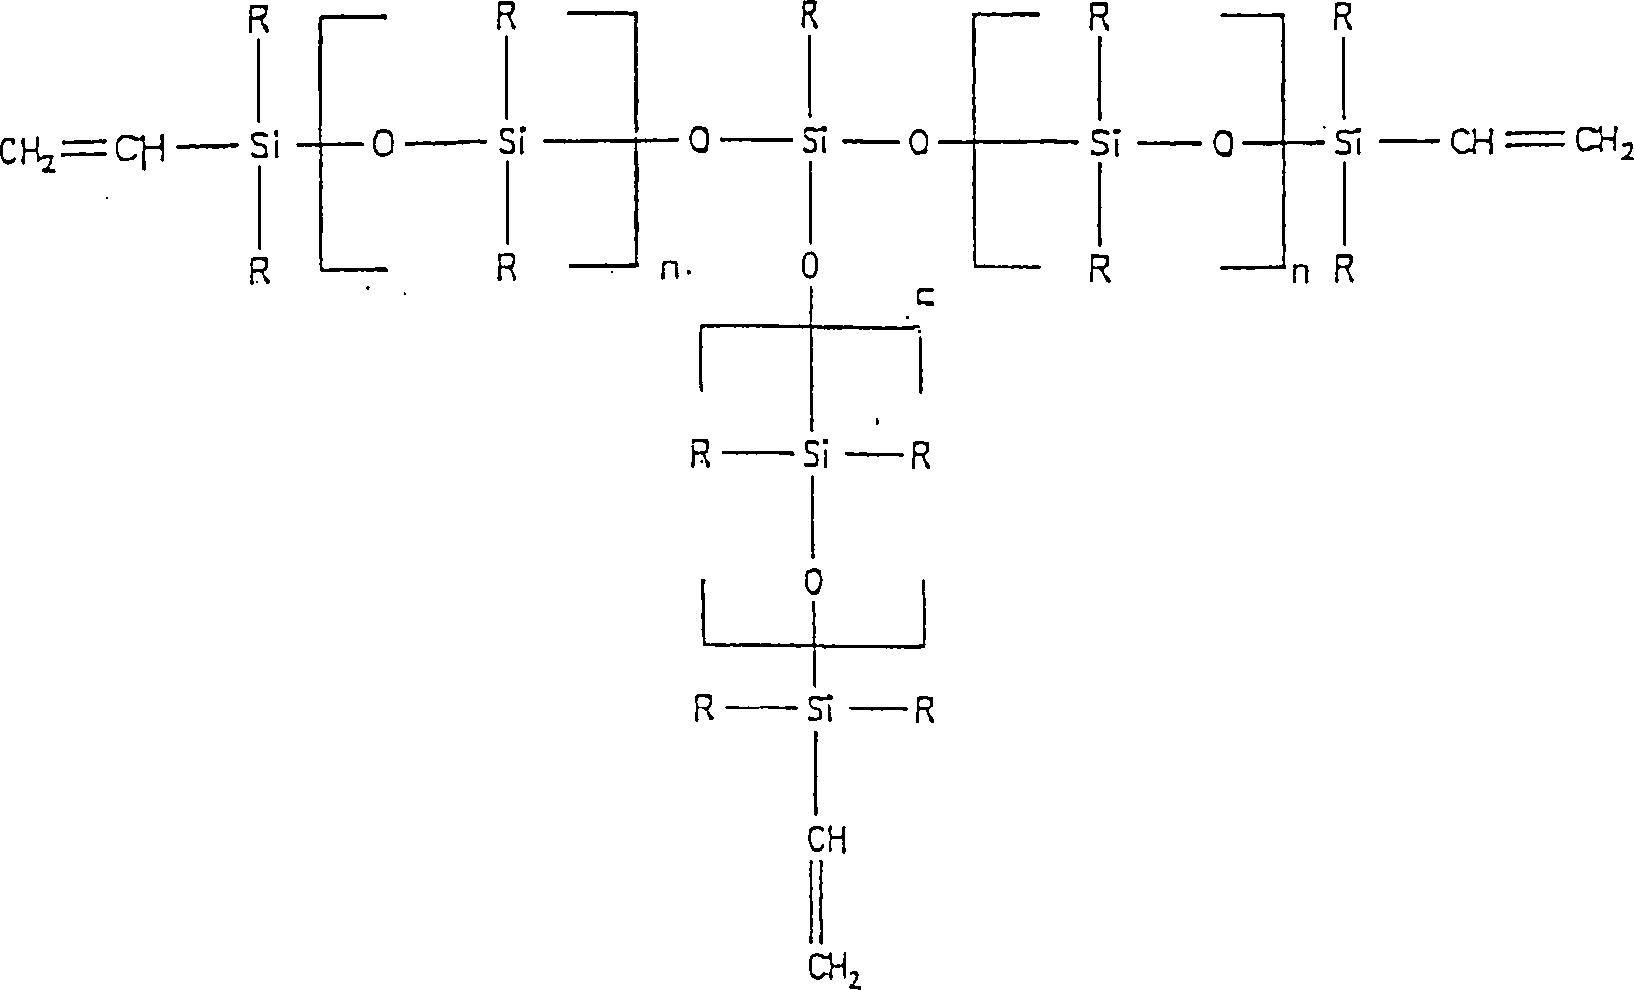 Figure DE000019719438C5_0003